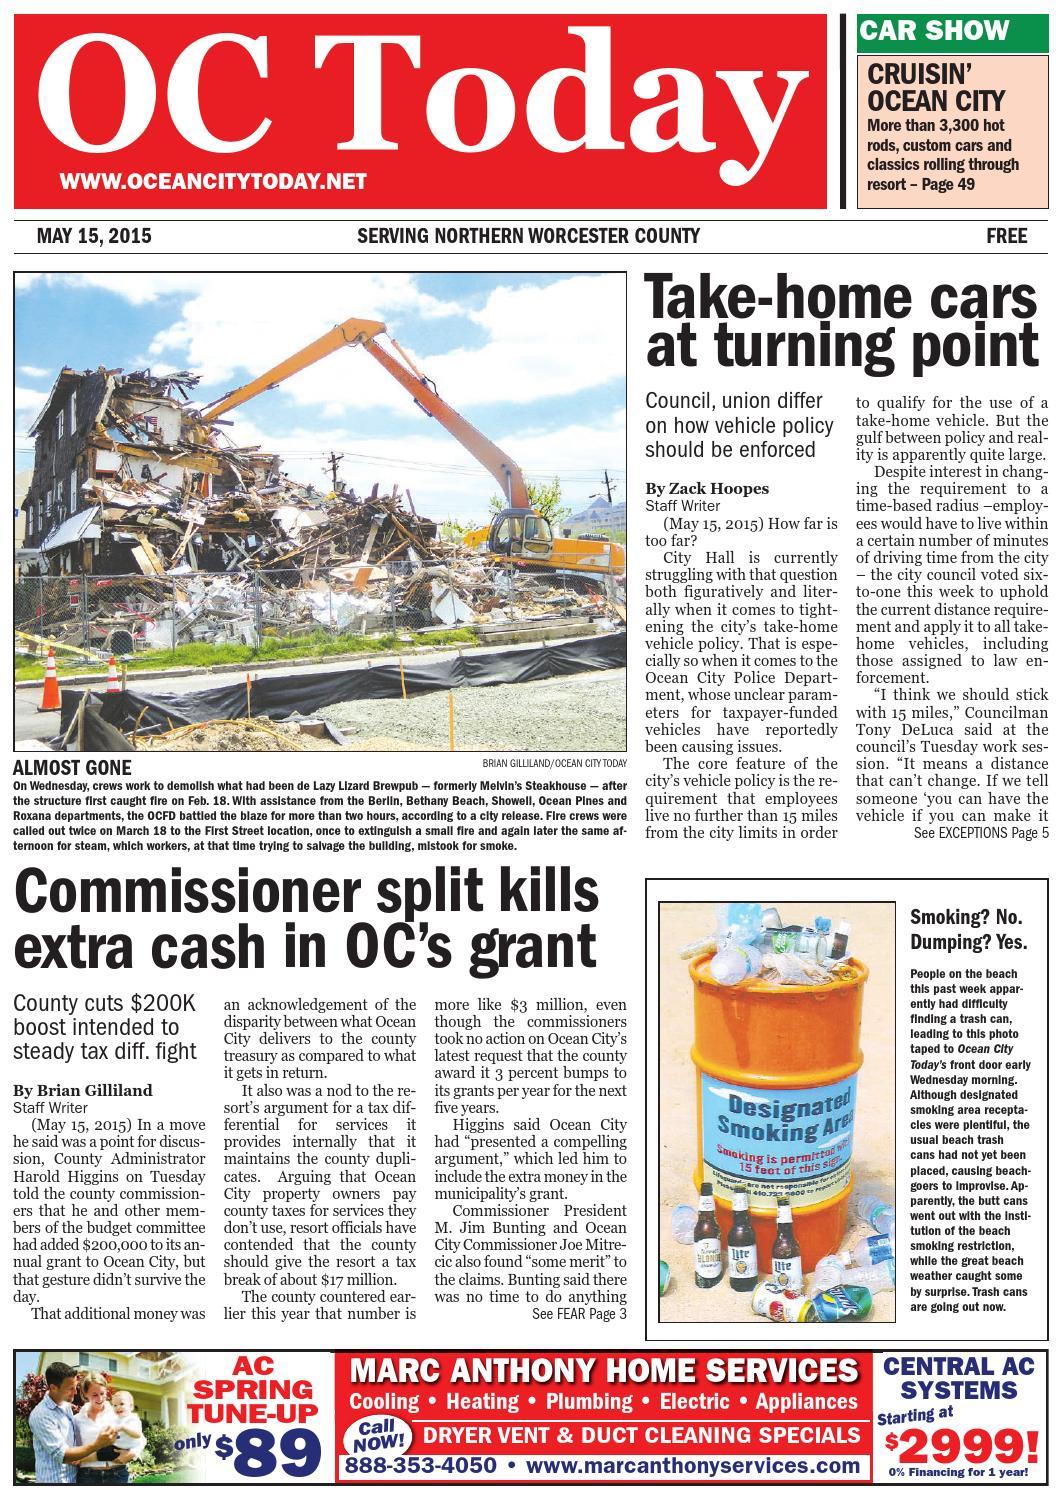 FLAME HOOD #239 DECAL VINYL GRAPHIC CAR TRUCK  SUV VAN  SEMI CROSS OVER BLAZE